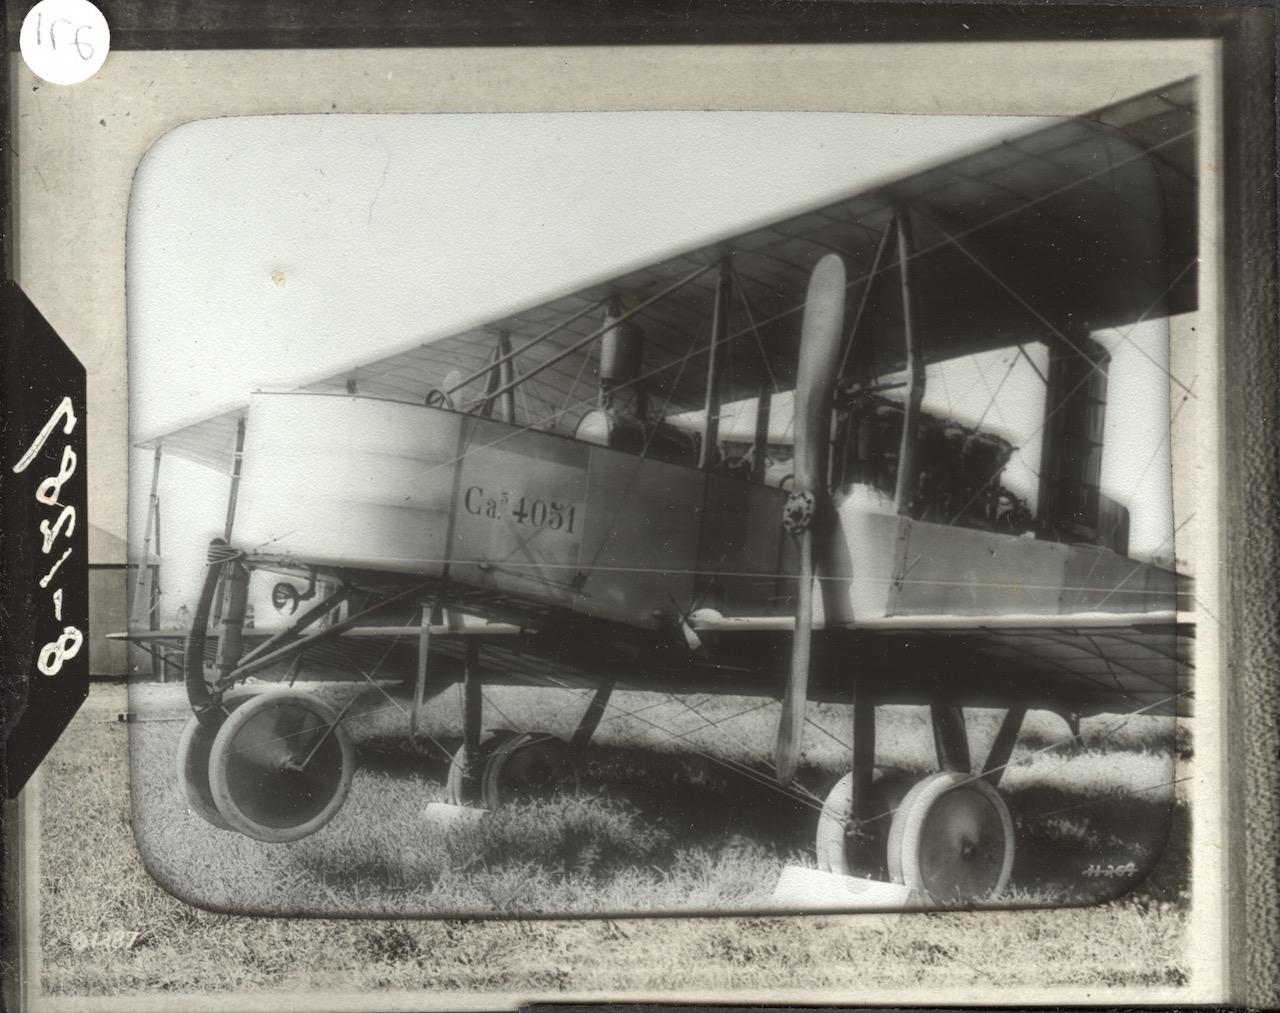 World War I plane